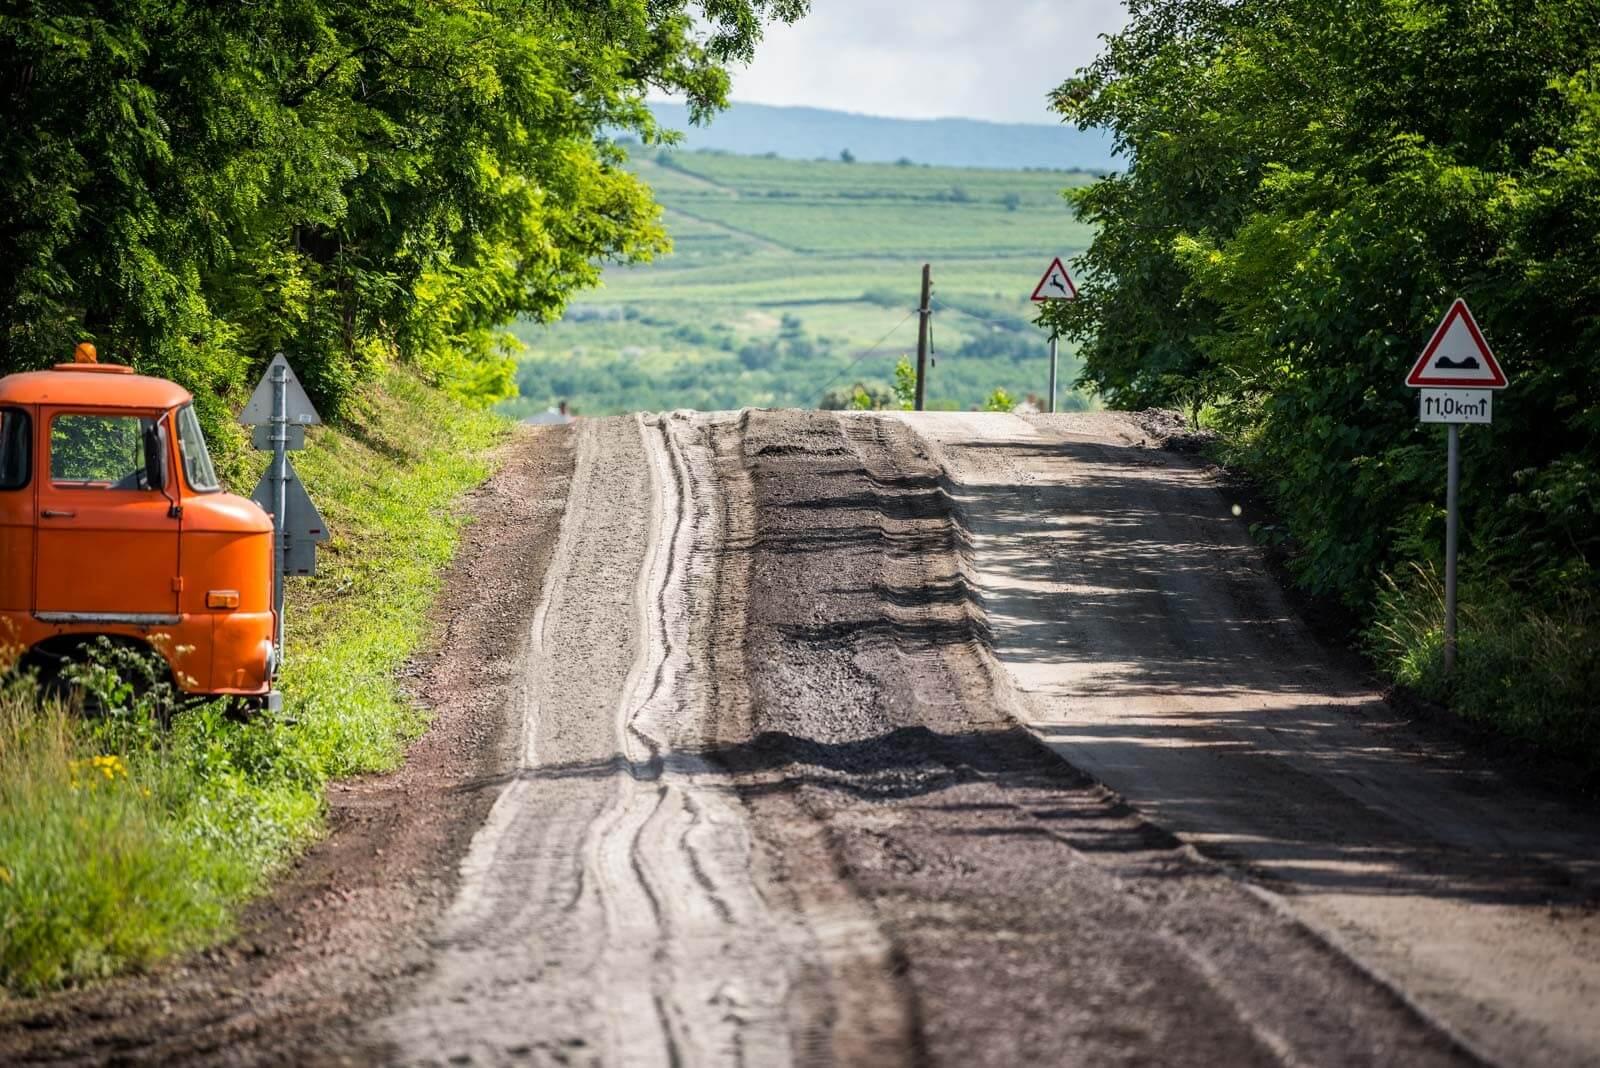 Régi földúthálózat kap burkolatot Fejér megyében a Soltút munkájával